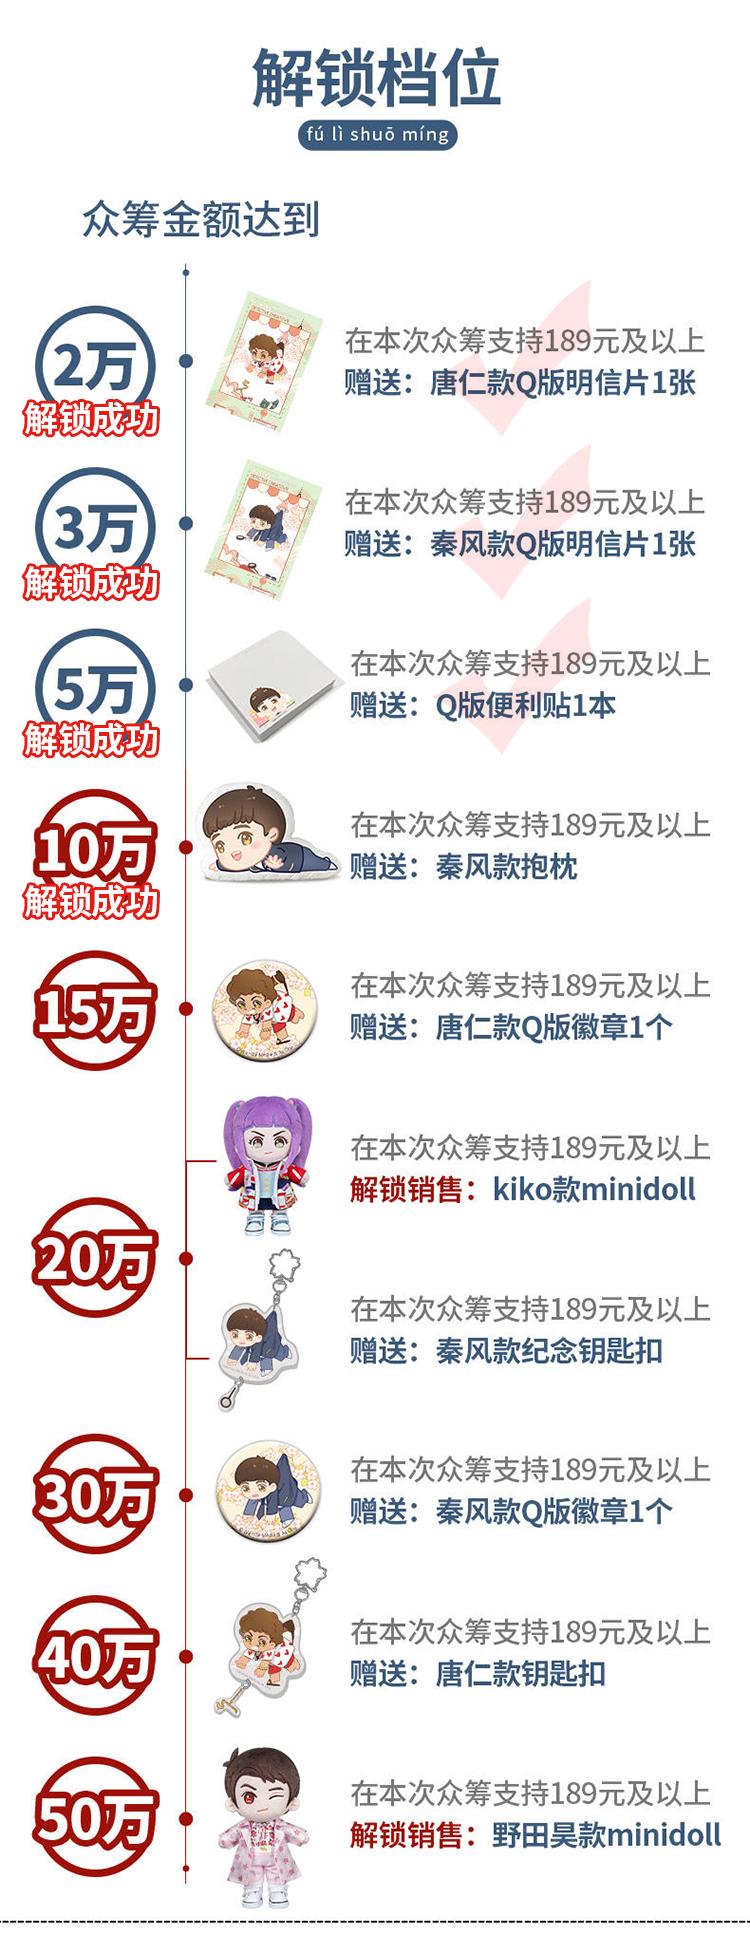 摩点网详情页-主页面福利解锁成功_02.png